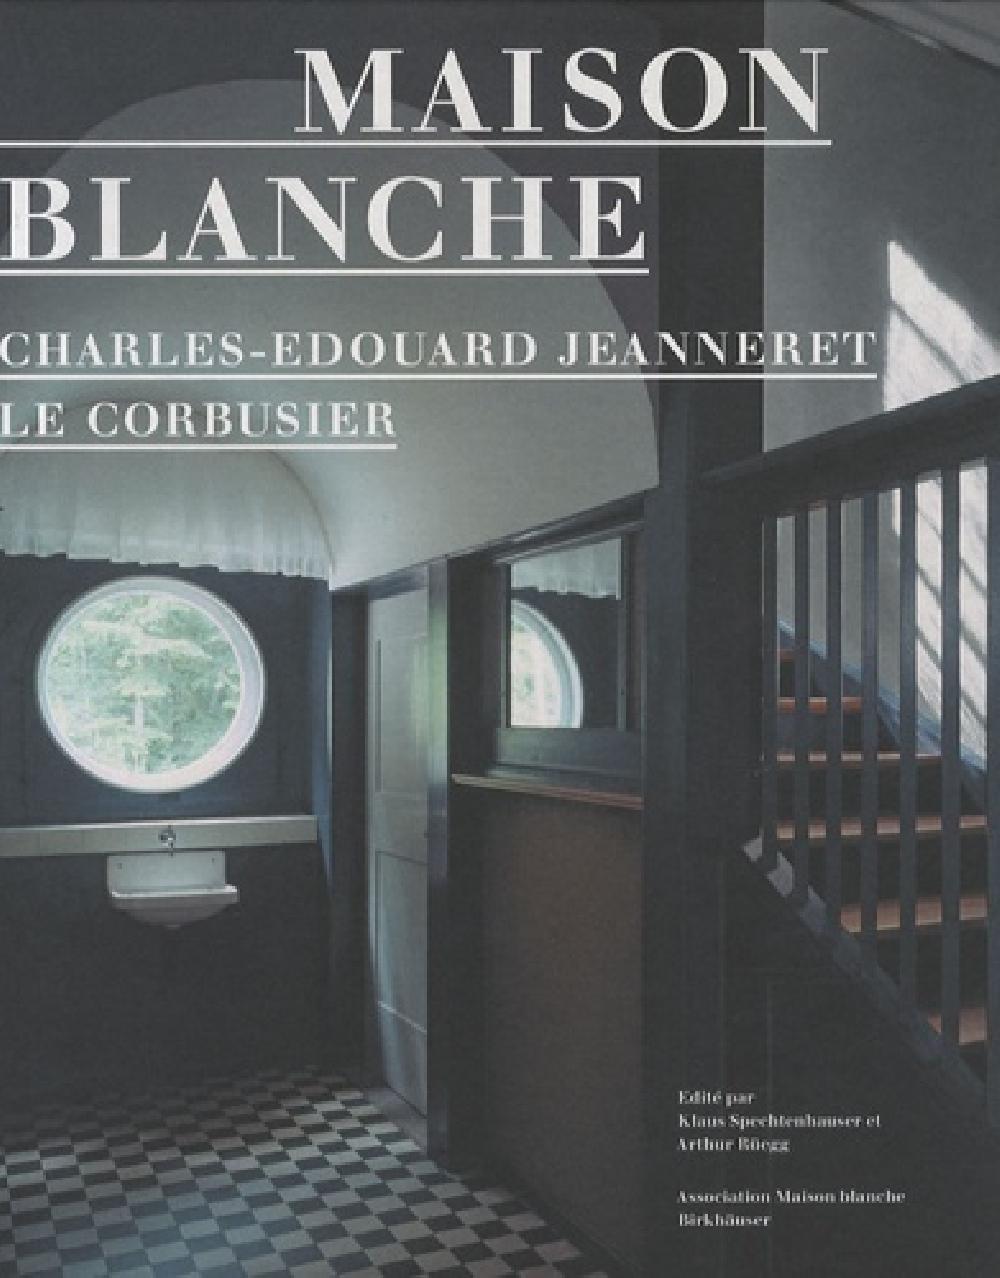 Maison Blanche. Charles-Edouard Jeanneret Le Corbusier